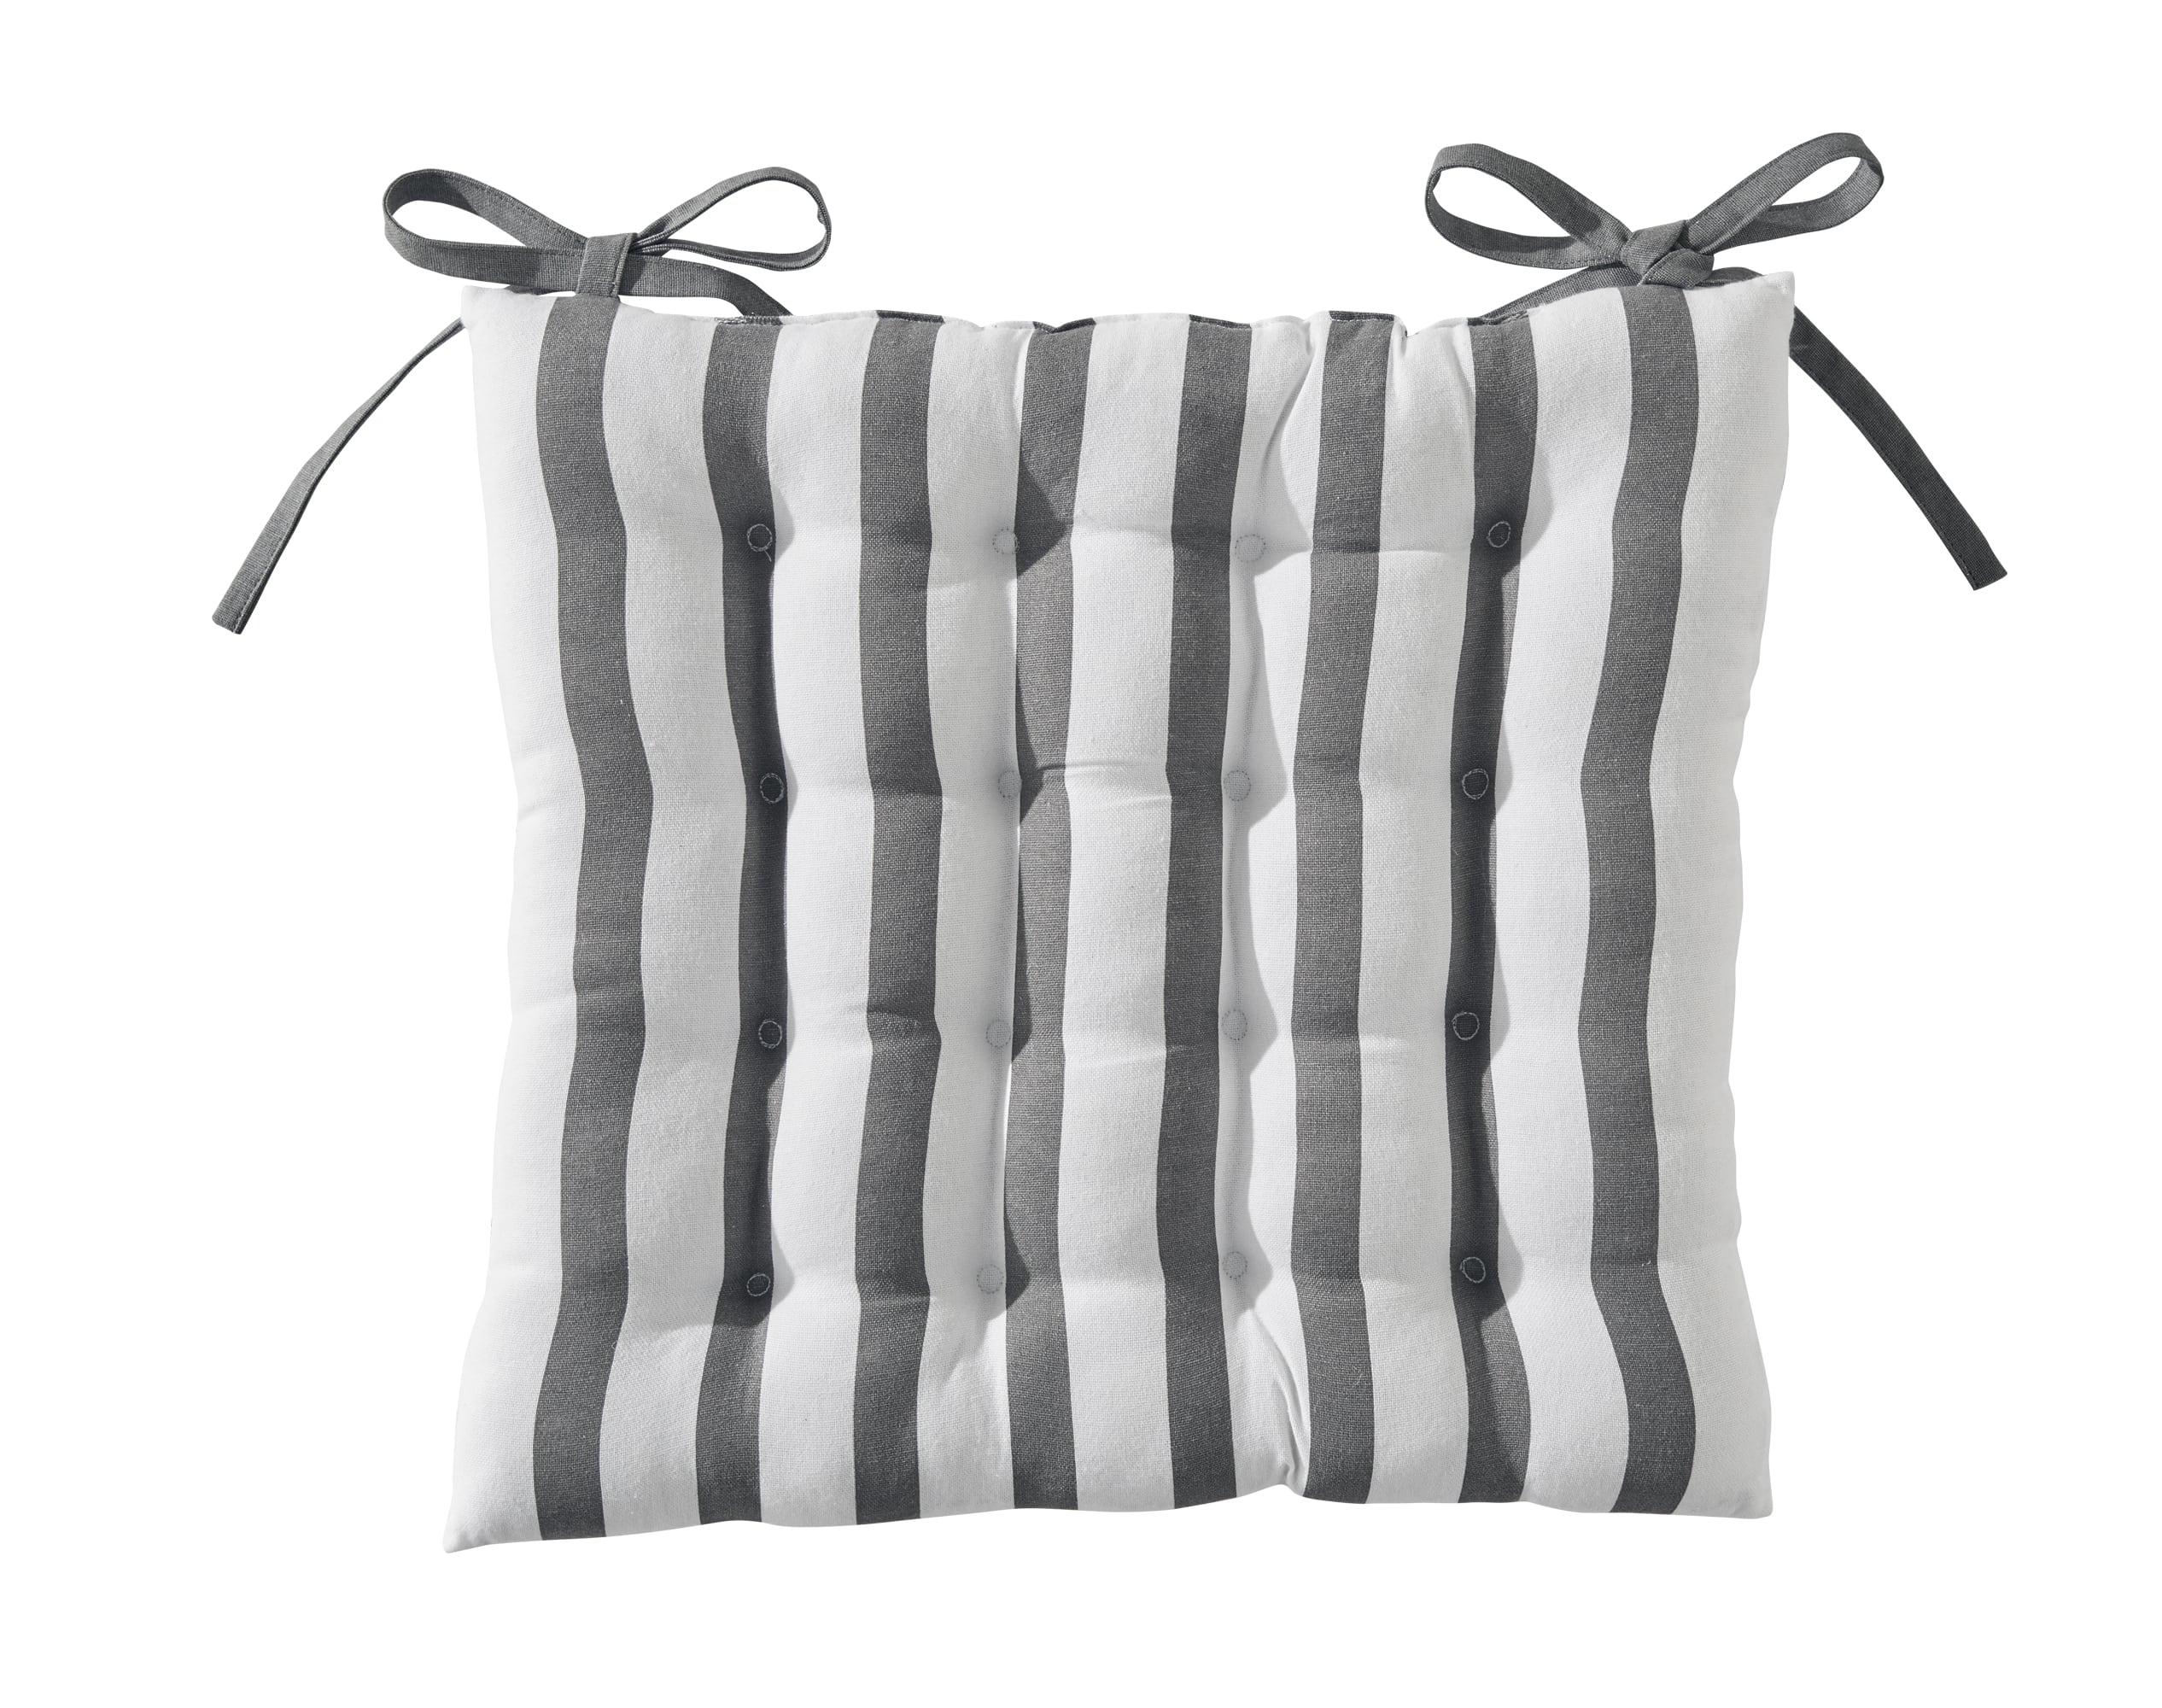 Galette de chaise réversible gris anthracite 40x40 en coton